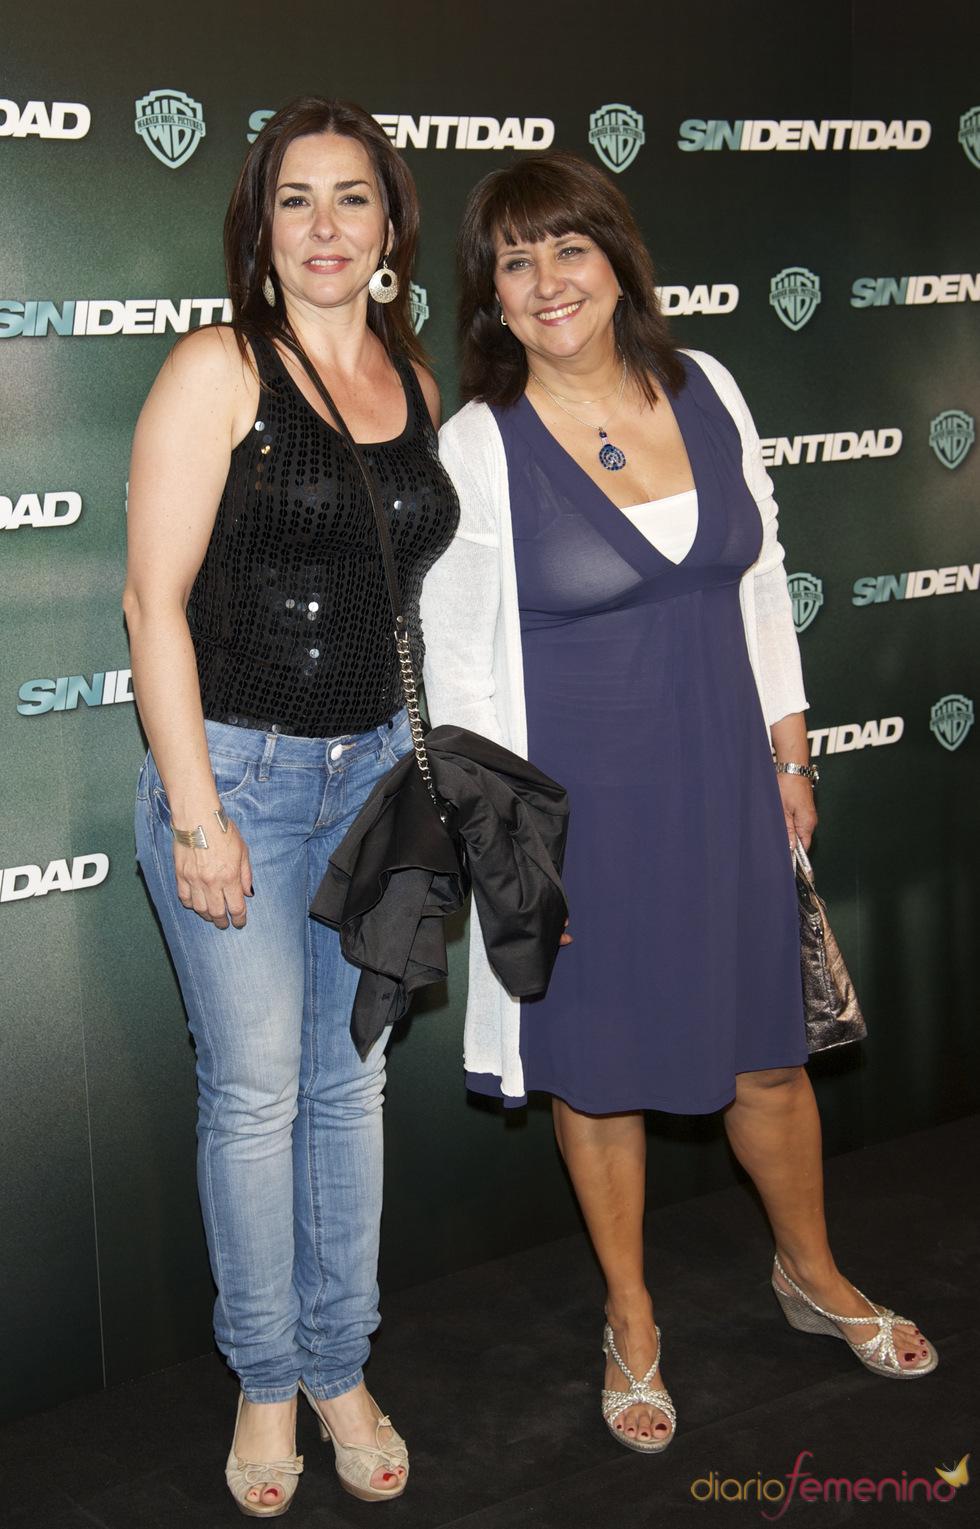 Elena Martín y Soledad Mallol en la premiere de 'Sin identidad' en Madrid